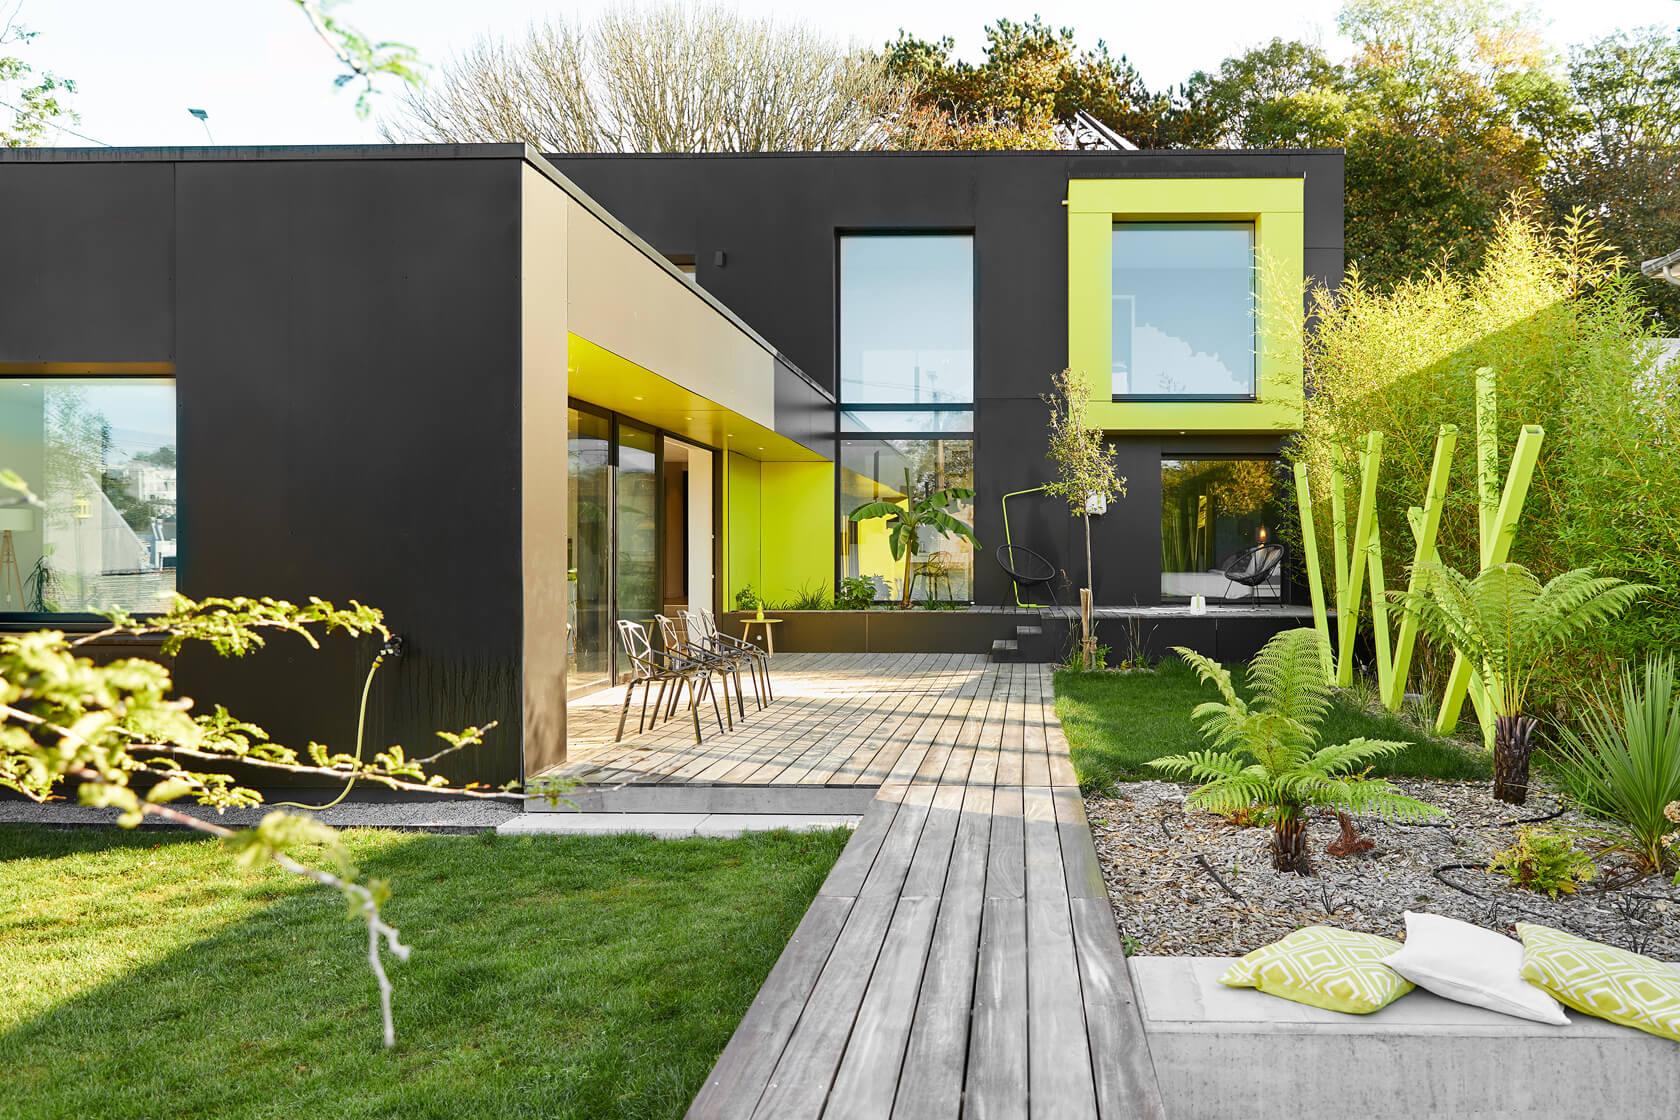 Trespa maison d'architecte à Brest